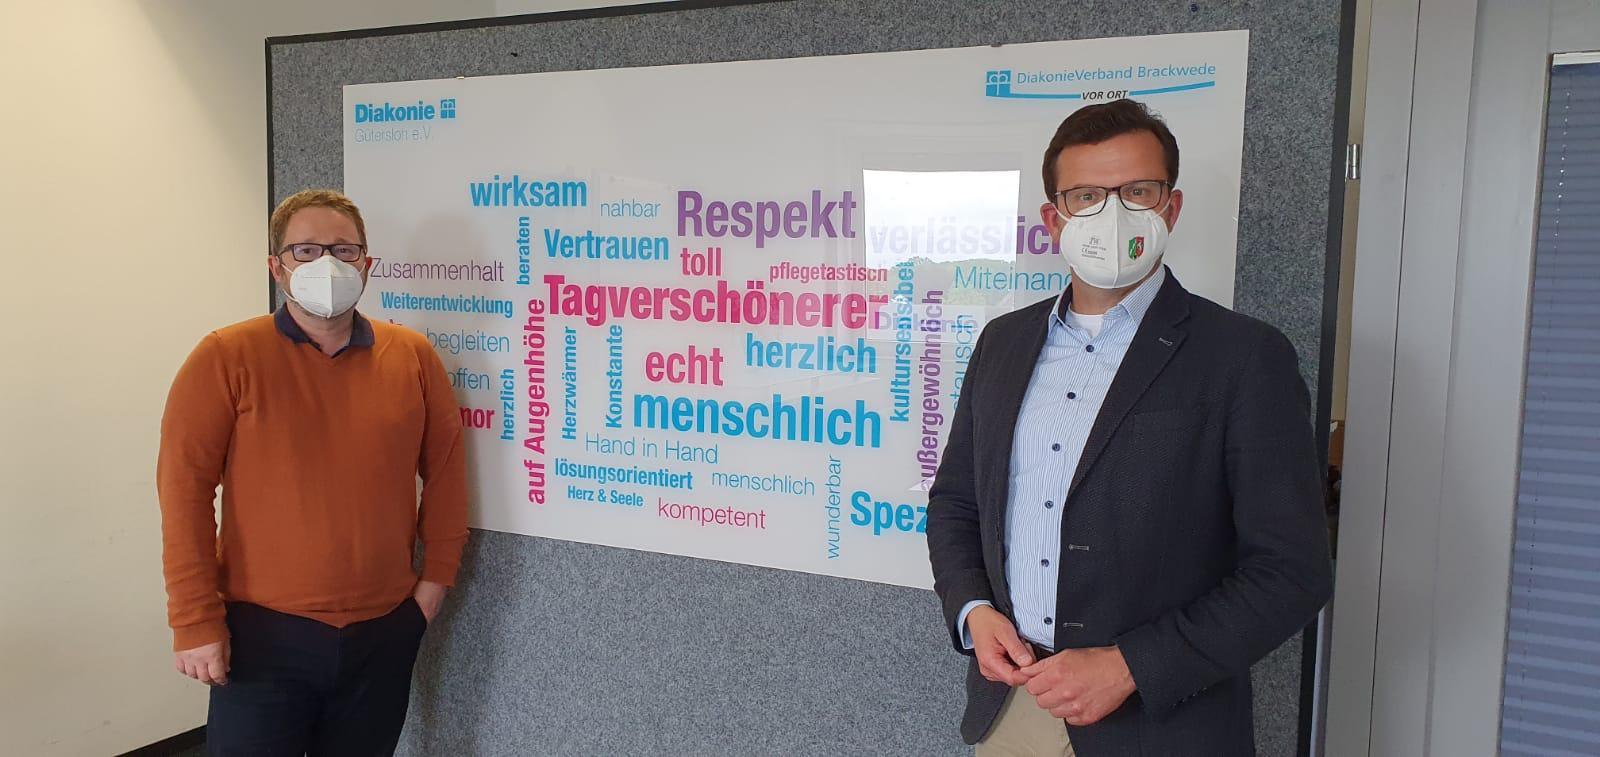 Im Gespräch über die Rolle der Diakonie Gütersloh, nicht nur in Corona-Zeit (v.l.): Diakonie-Vorstand Björn Neßler und der Landtagsabgeordnete Raphael Tigges.